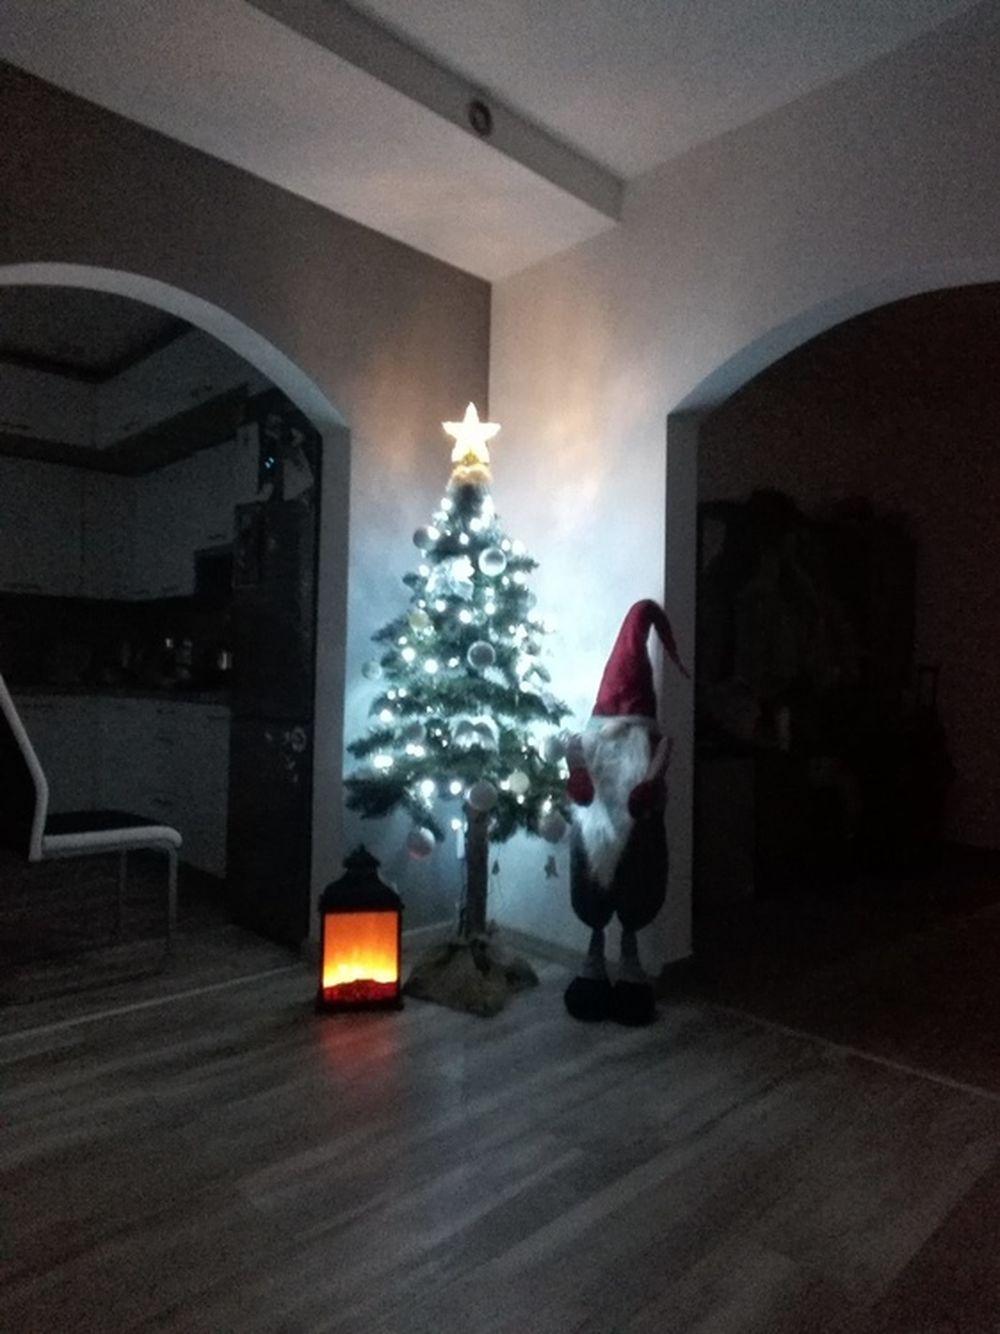 FOTO: Vianočné stromčeky v Žiline - výber fotografií našich čitateľov, foto 59